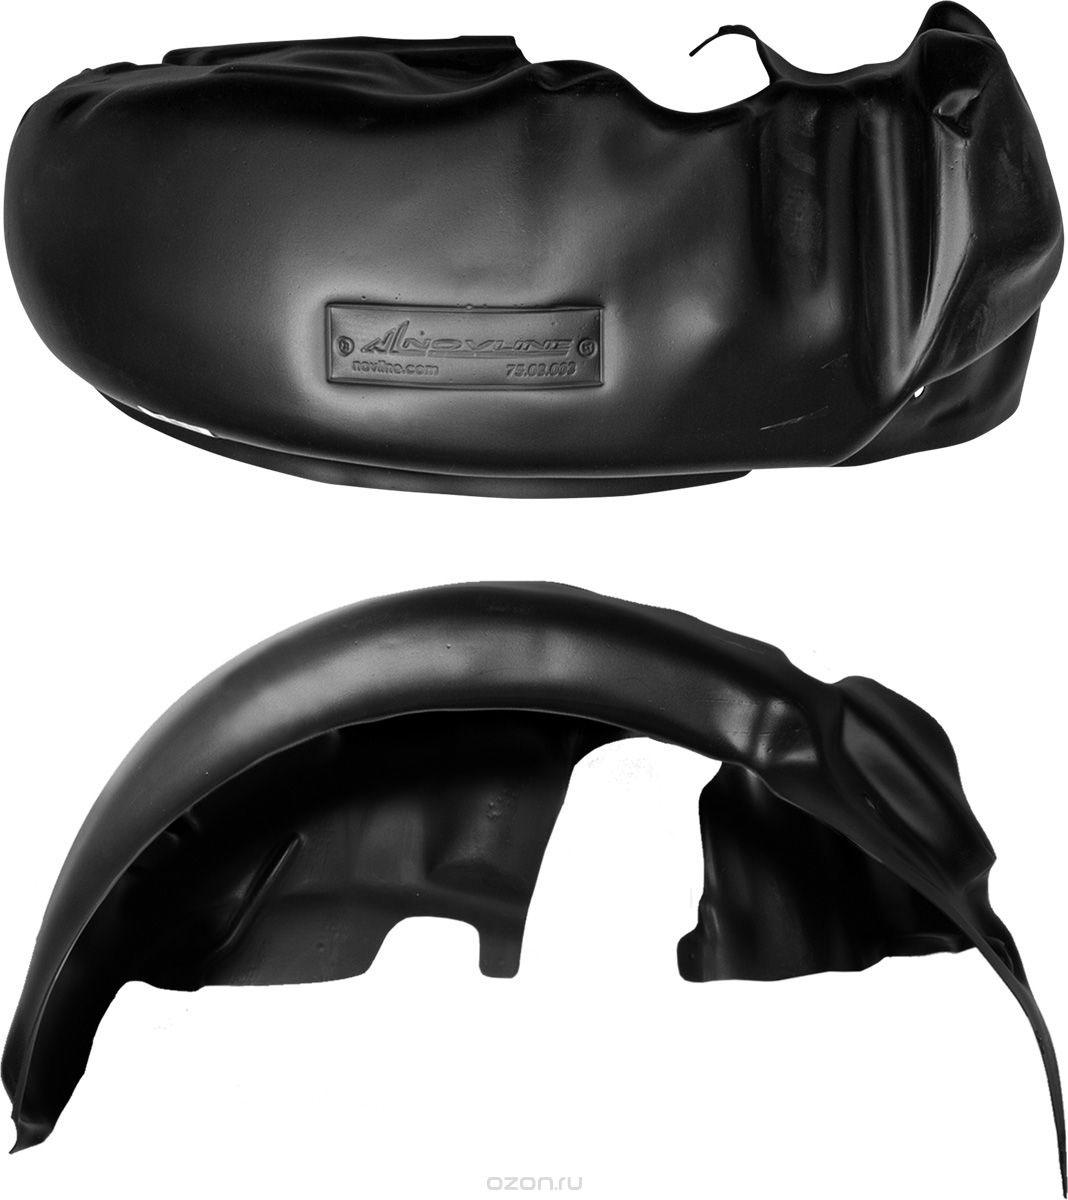 Подкрылок Novline-Autofamily, для Fiat FullBack, 2016->, передний правыйNLL.15.22.002Идеальная защита колесной ниши. Локеры разработаны с применением цифровых технологий, гарантируют максимальную повторяемость поверхности арки. Изделия устанавливаются без нарушения лакокрасочного покрытия автомобиля, каждый подкрылок комплектуется крепежом. Уважаемые клиенты, обращаем ваше внимание, что фотографии на подкрылки универсальные и не отражают реальную форму изделия. При этом само изделие идет точно под размер указанного автомобиля.